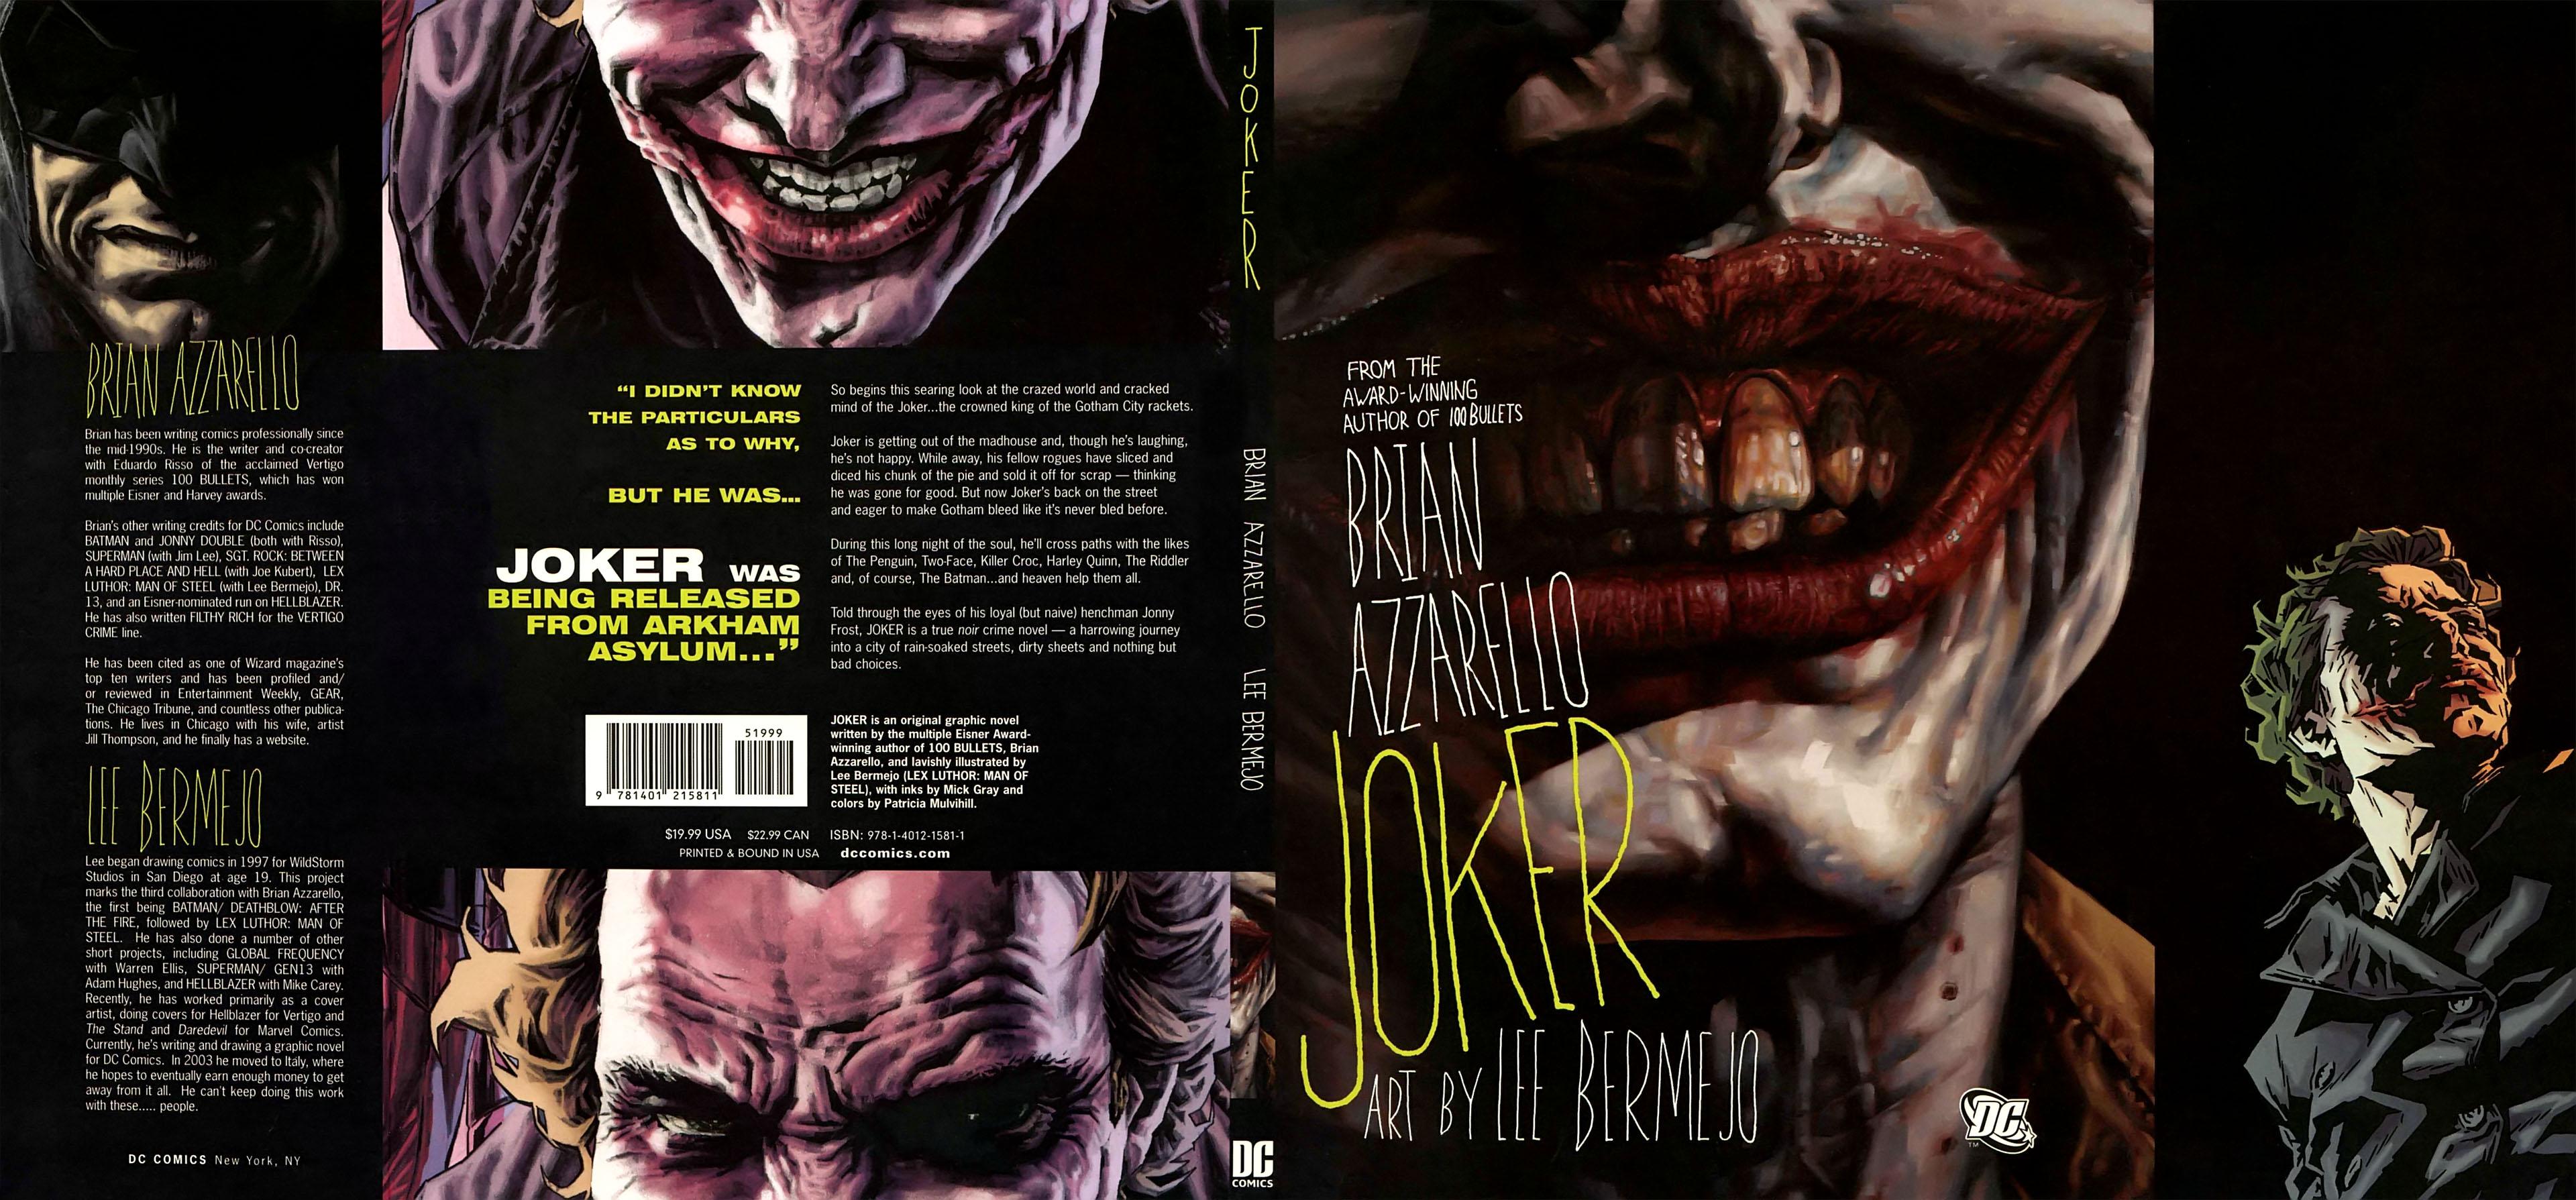 Joker (2008) Full Page 1